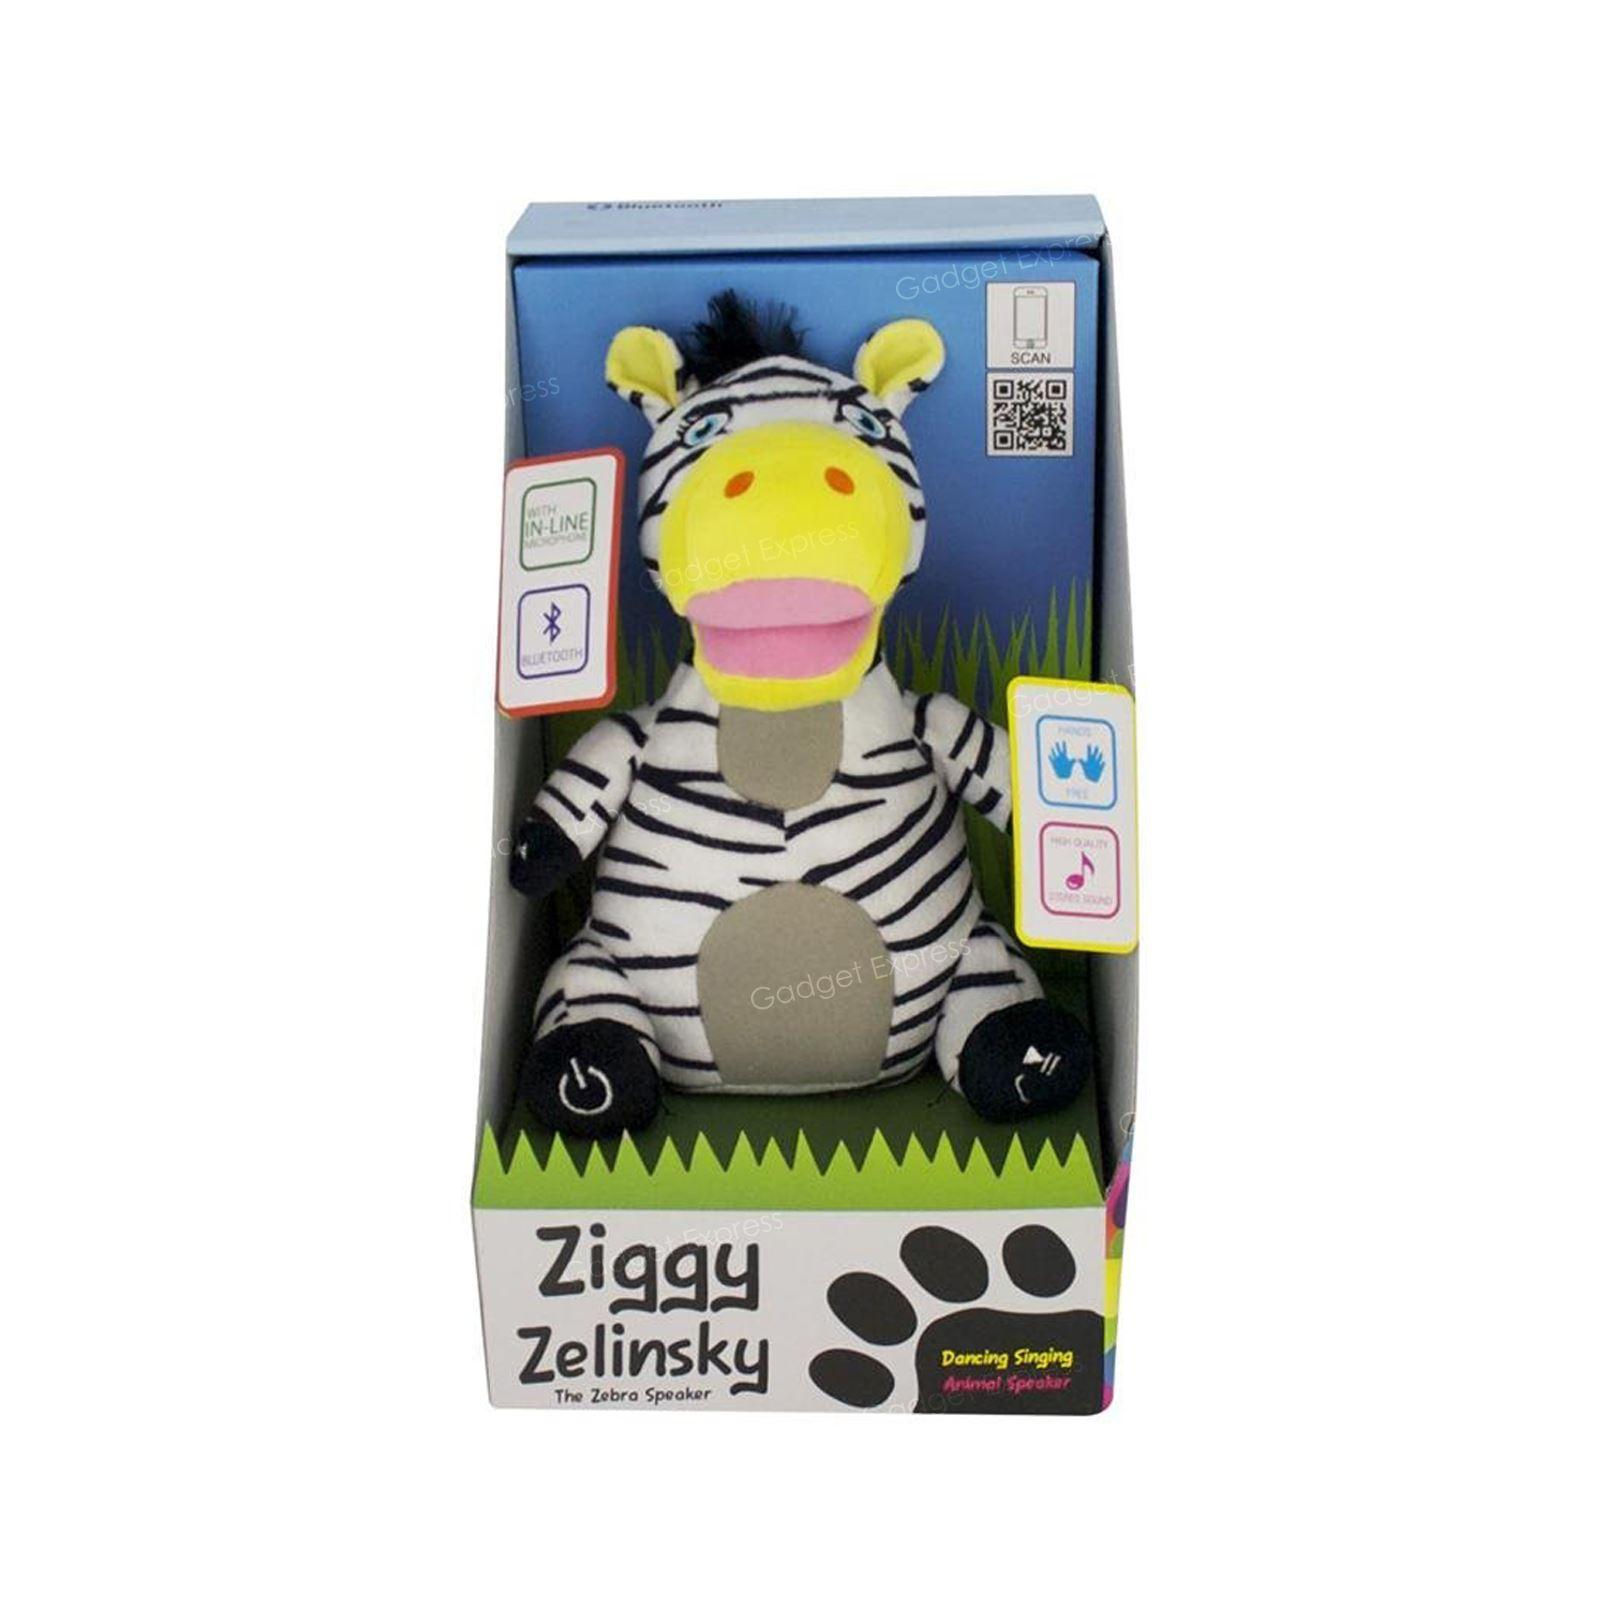 Nuevo altavoz de animales bluetooth safari ipad iphone mp3 - Juguetes nuevos para ninos ...